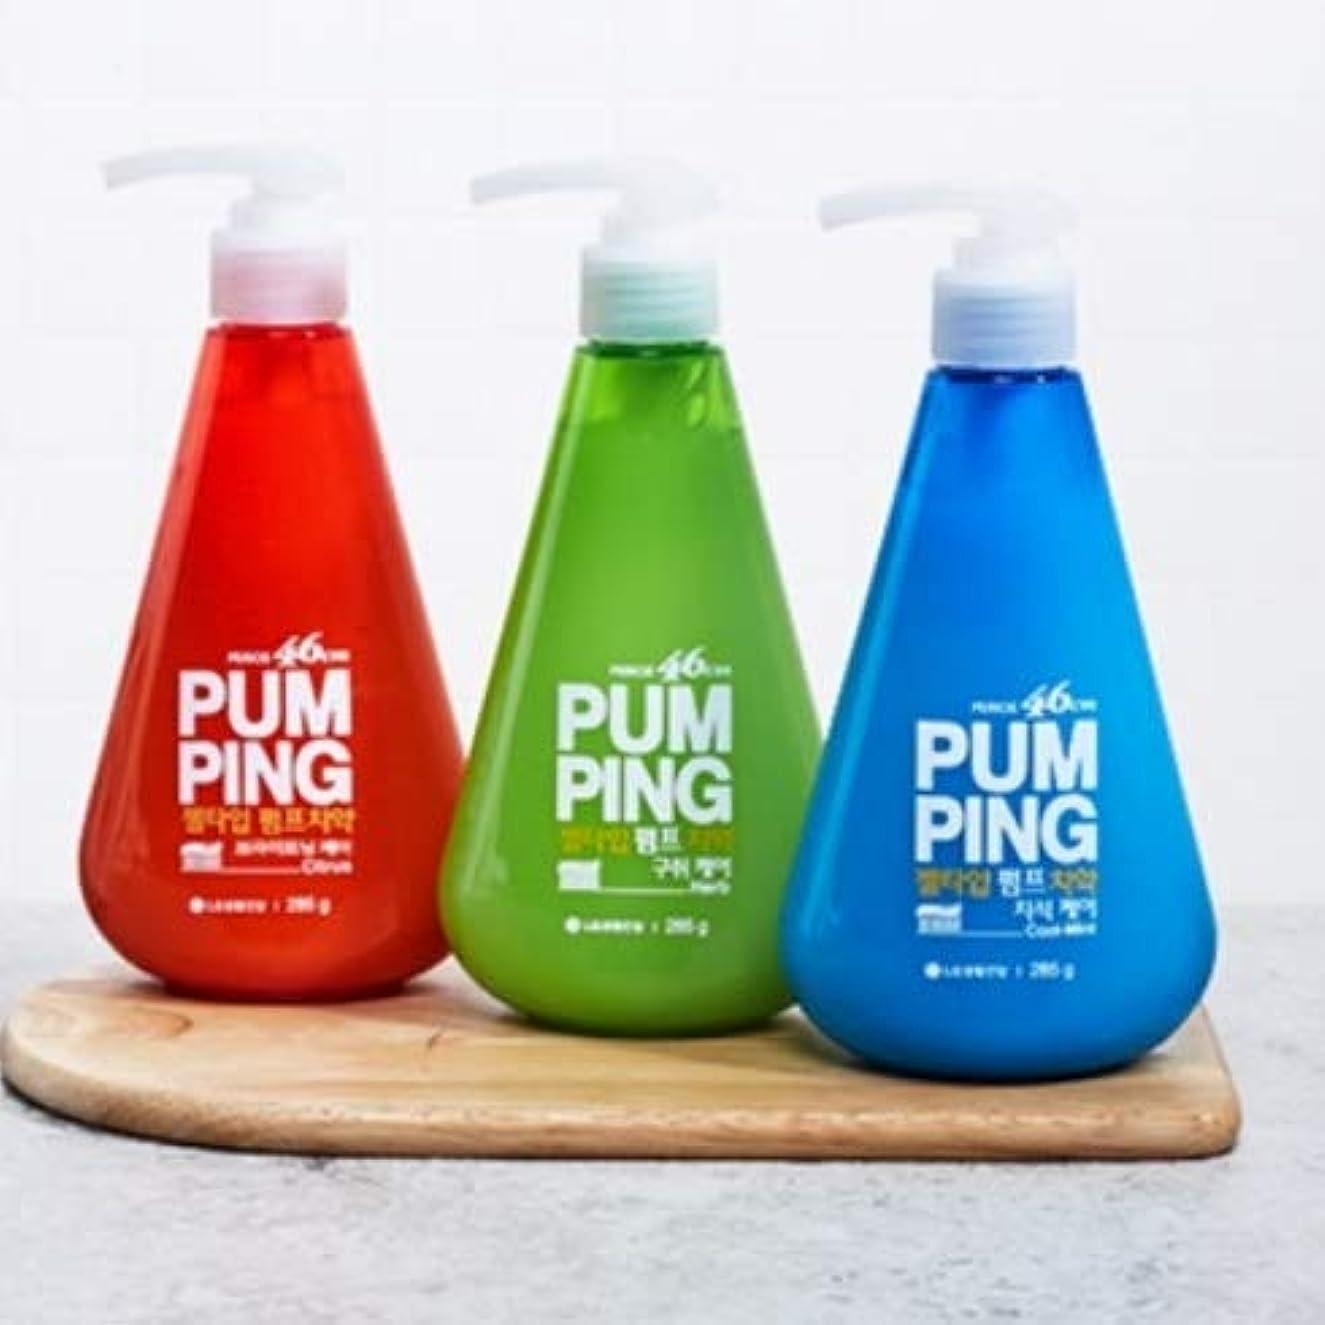 しょっぱい文明化僕の[LG HnB] Perio 46cm pumped toothpaste /ペリオ46cmポンピング歯磨き粉 285gx3個(海外直送品)